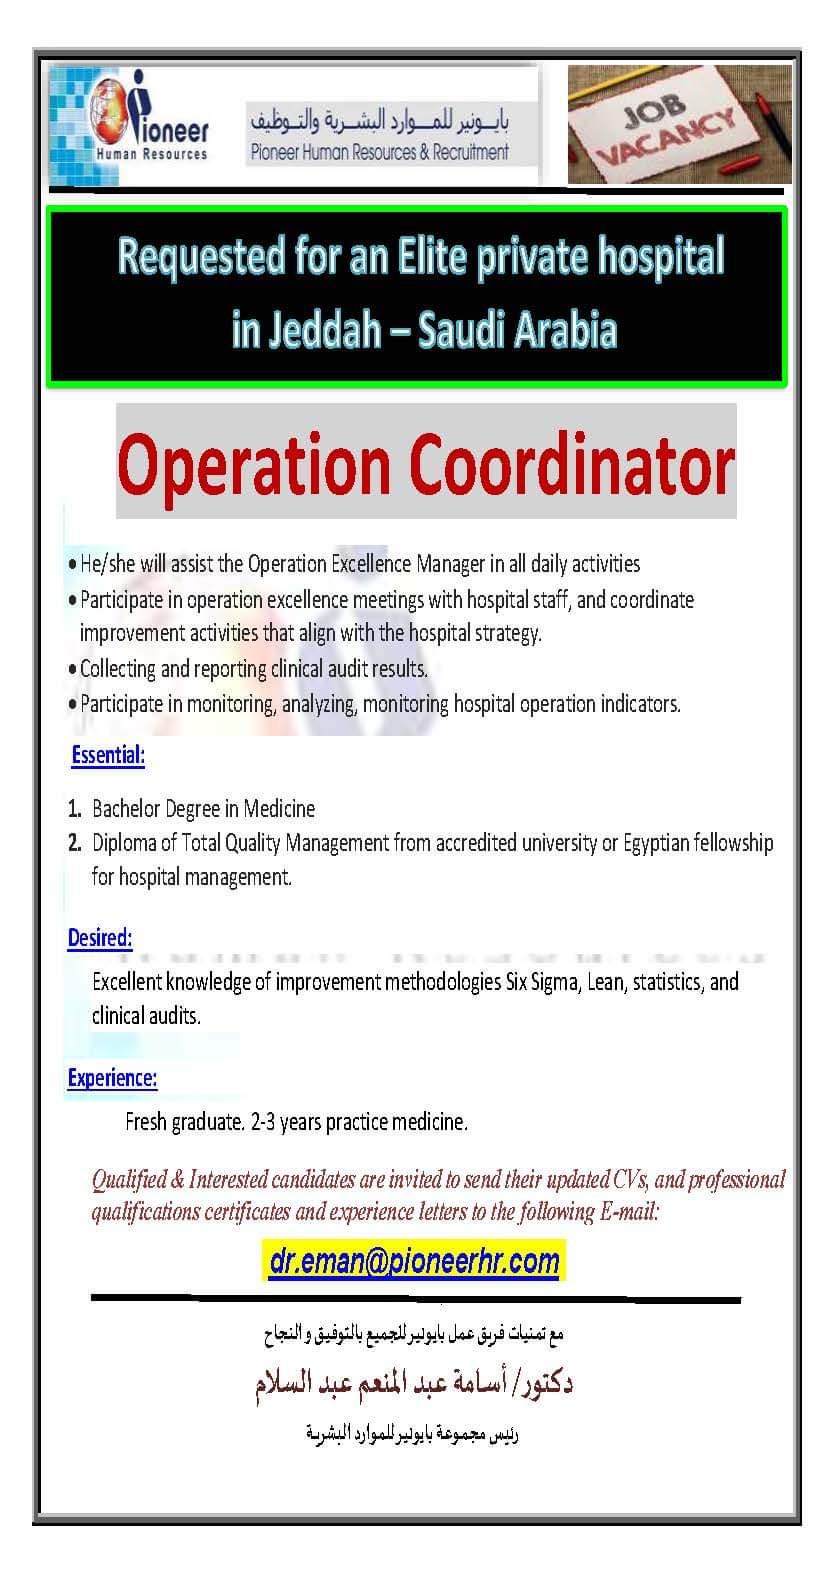 صورة وظائف اطباء من شركة بايونير للموارد البشرية والتوظيف